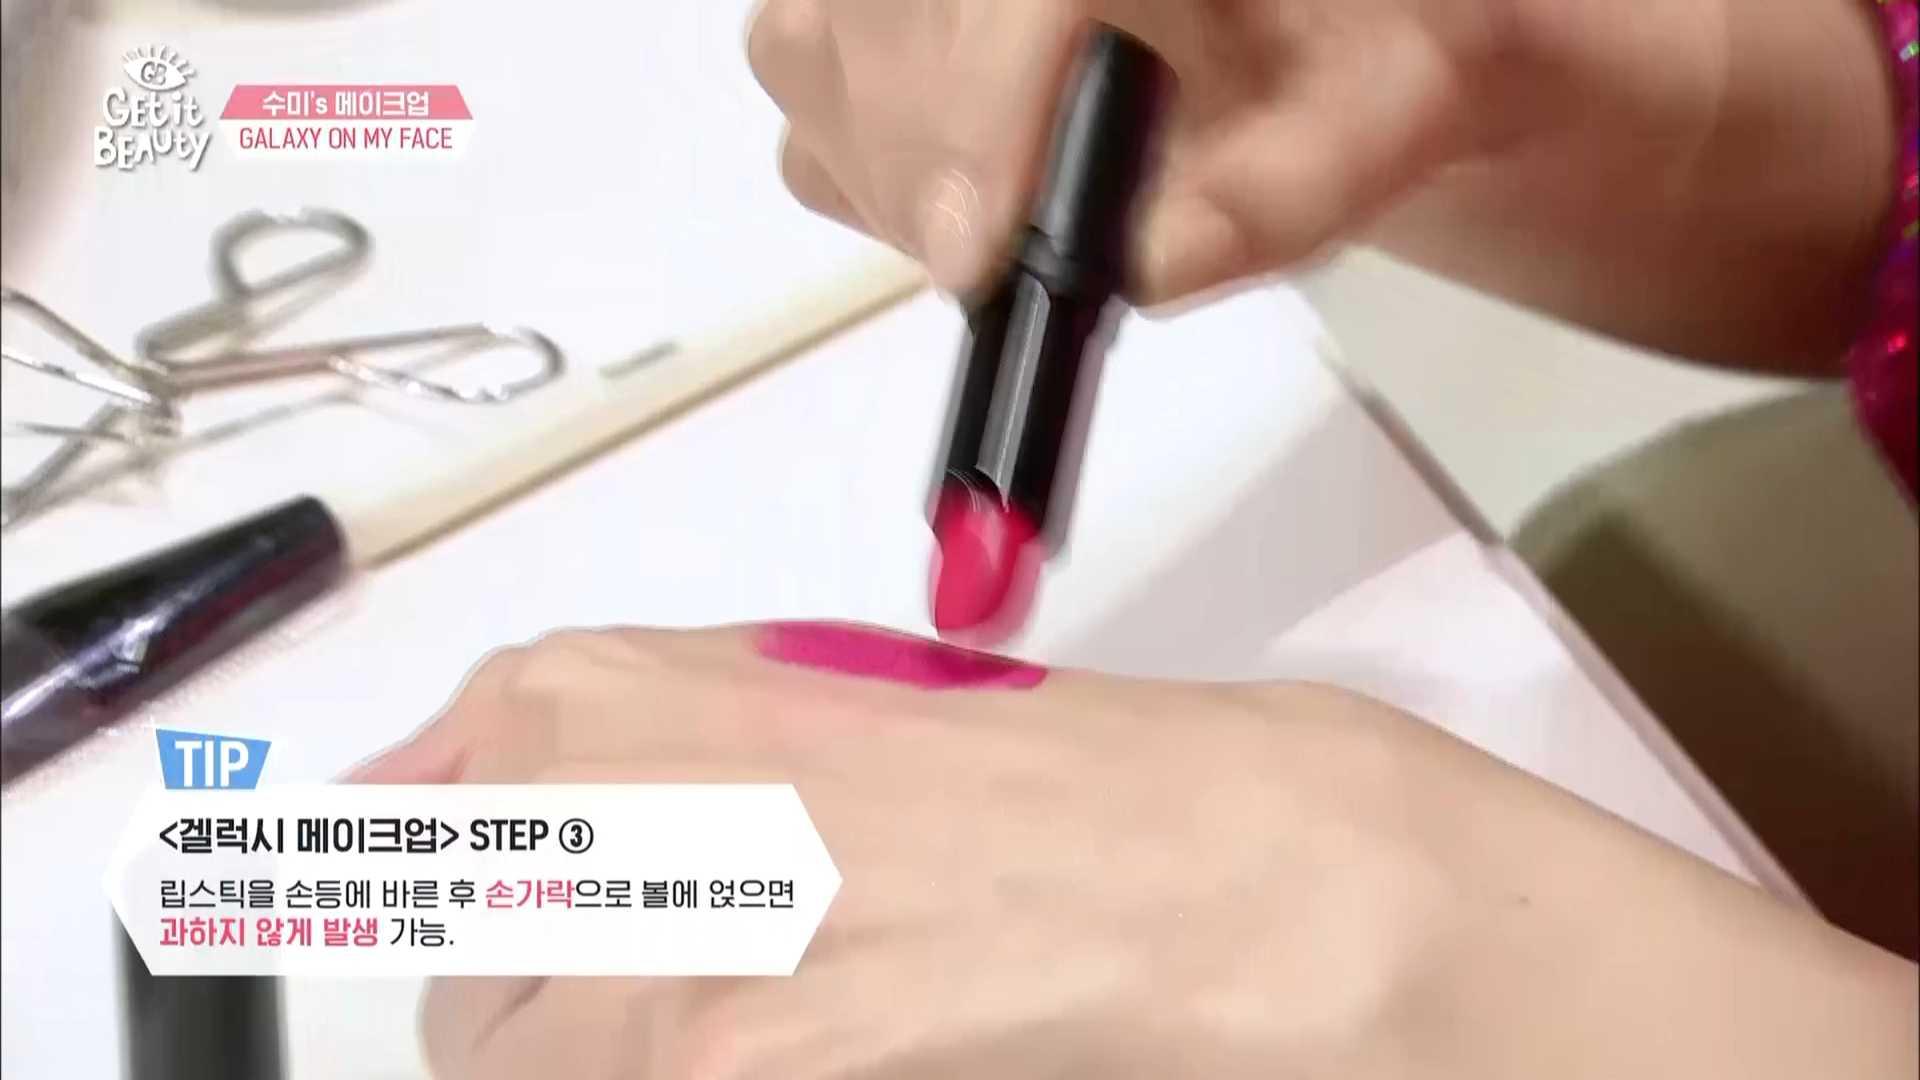 립스틱을 손등에 바르고 손가락으로 볼에 얹으면 자연스런 발색이 가능해요!